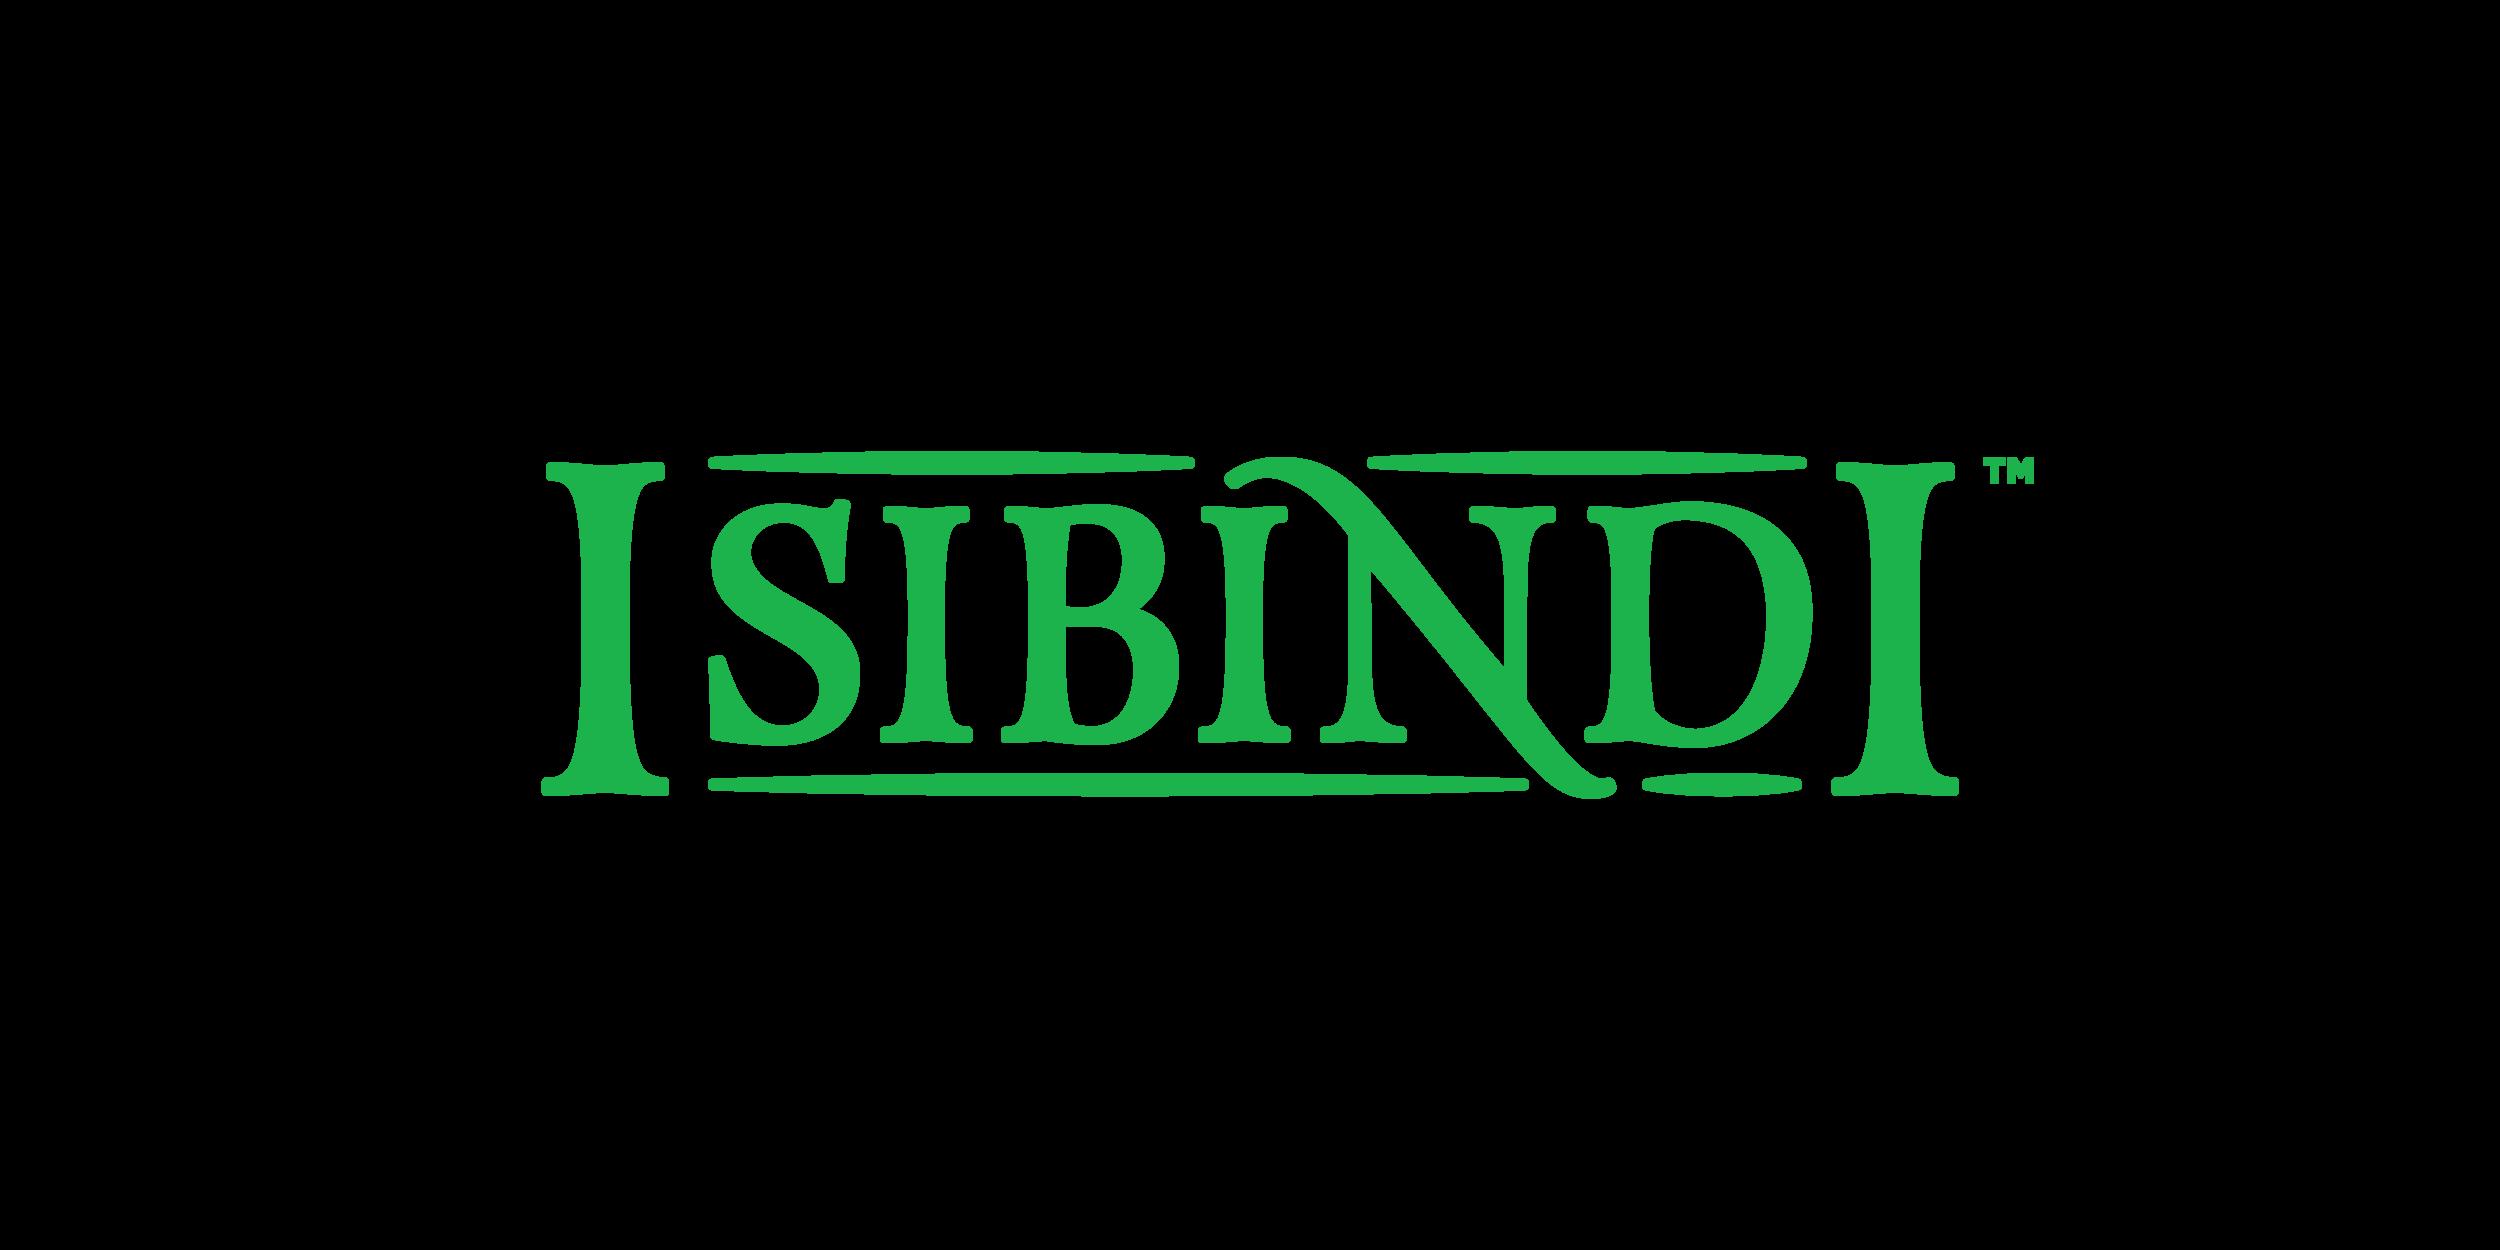 isibindi-green.png